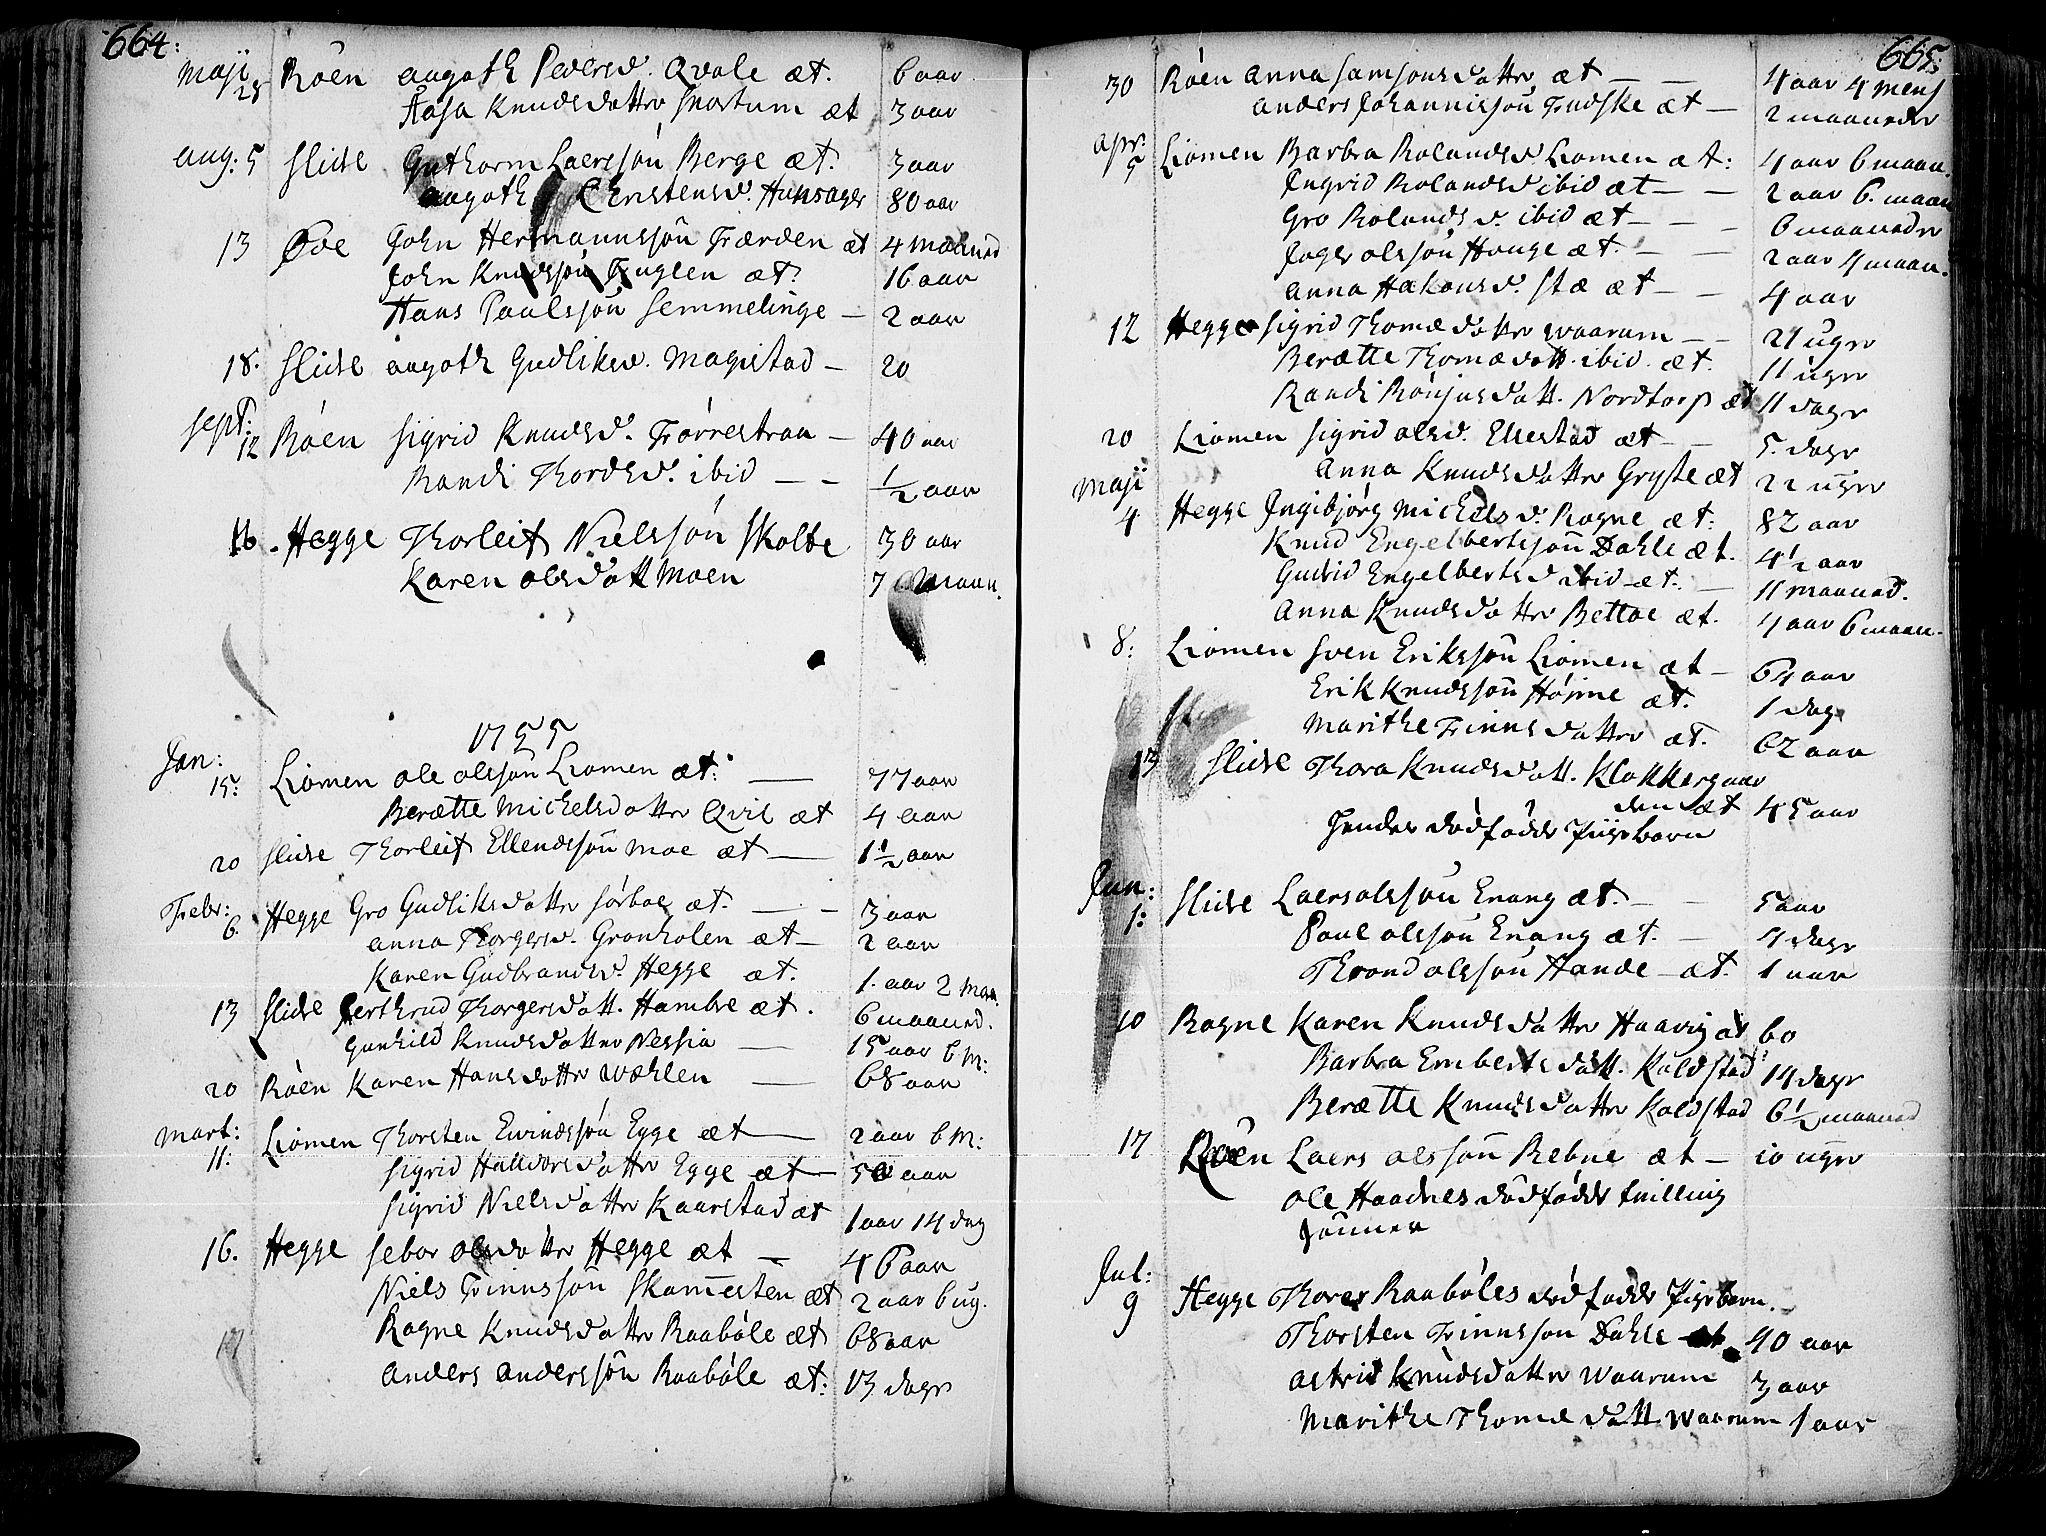 SAH, Slidre prestekontor, Ministerialbok nr. 1, 1724-1814, s. 664-665